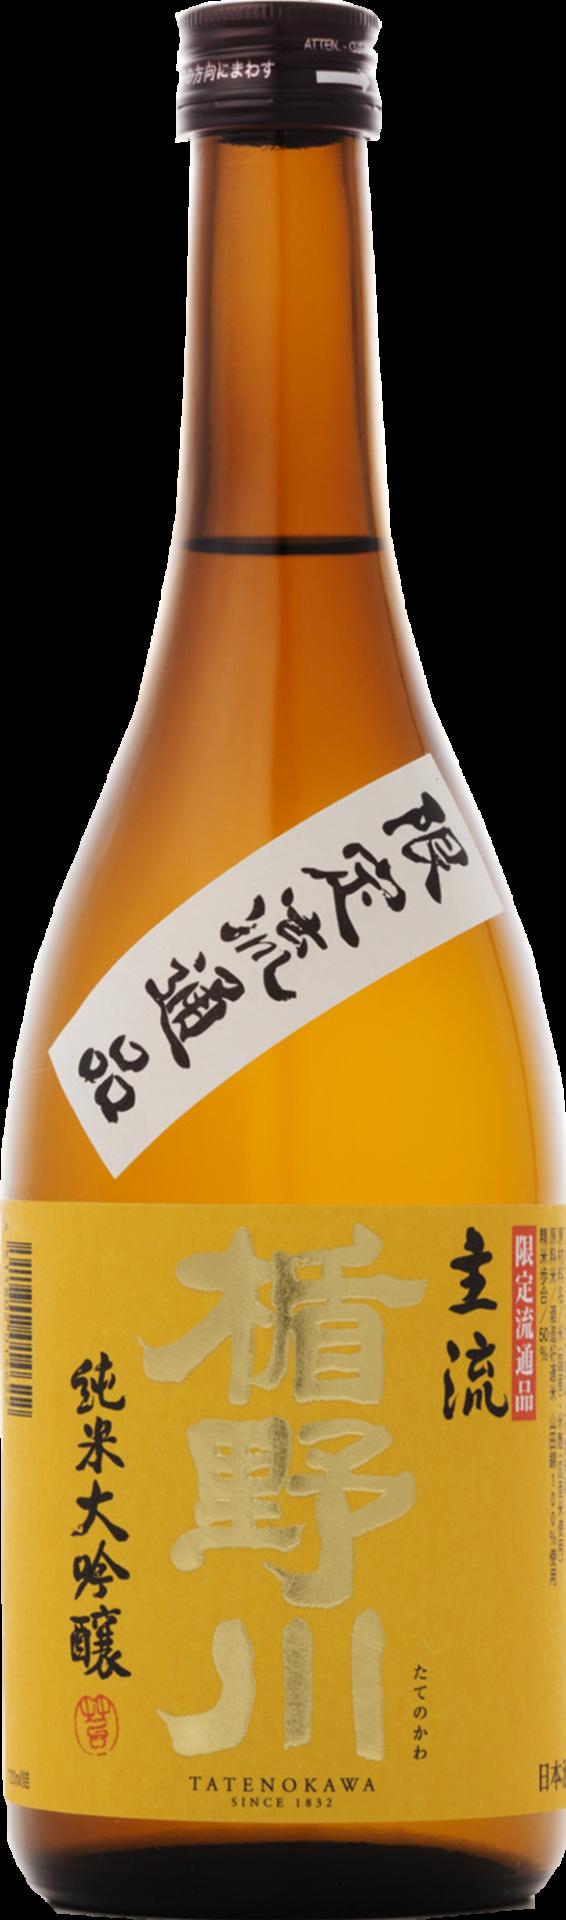 202123 Le Tatenokawa Shuzo Shuryu Vogue de la maison saké Tatenokawa Shuzo